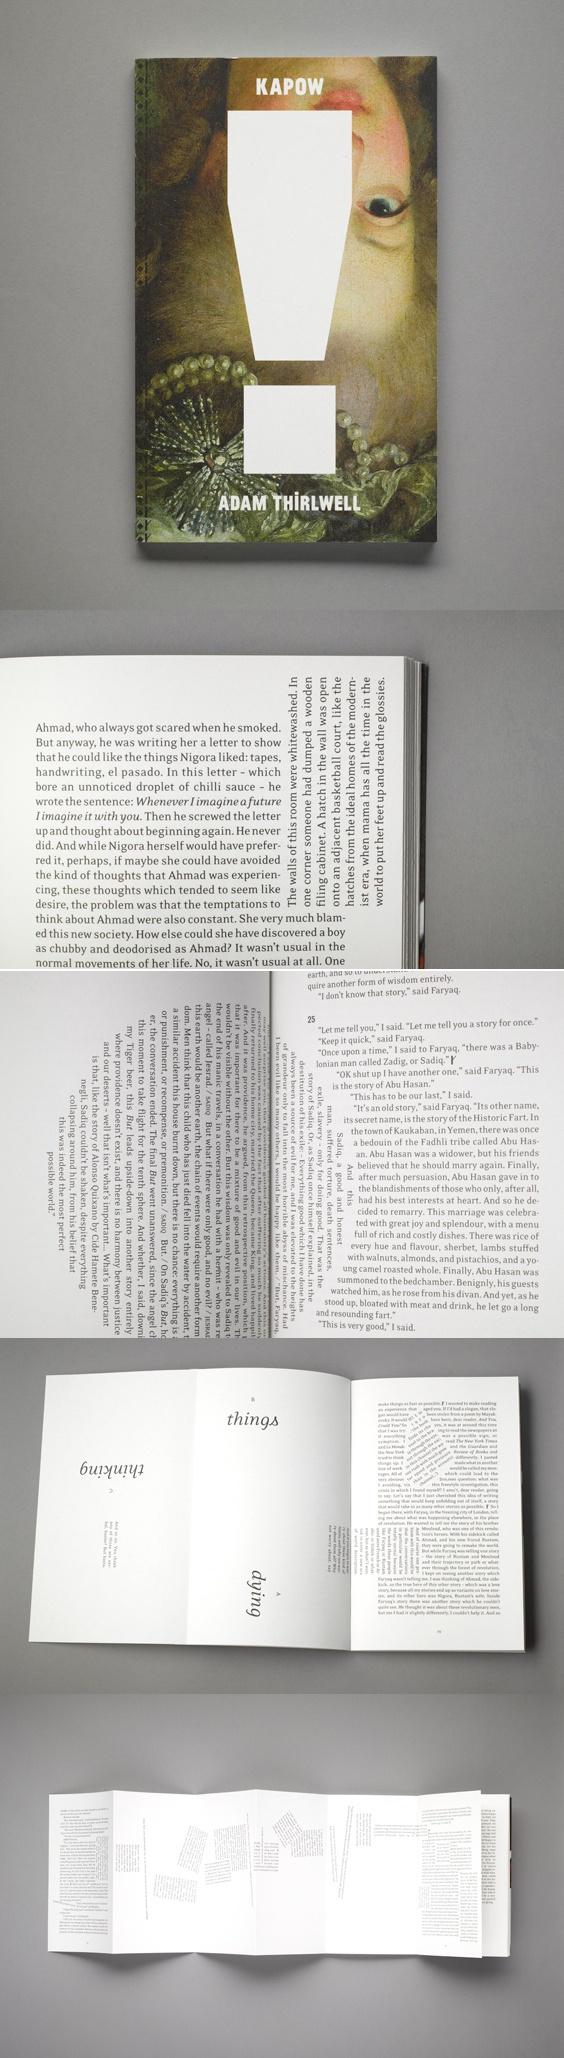 O projeto editorial da Kapow é ousado porque assume as [digressões] característico do romance e traduz para o universo gráfico. Há um composição híbrida entre as narrativas textuais com a linguagem visual. Designer Frith Kerr.